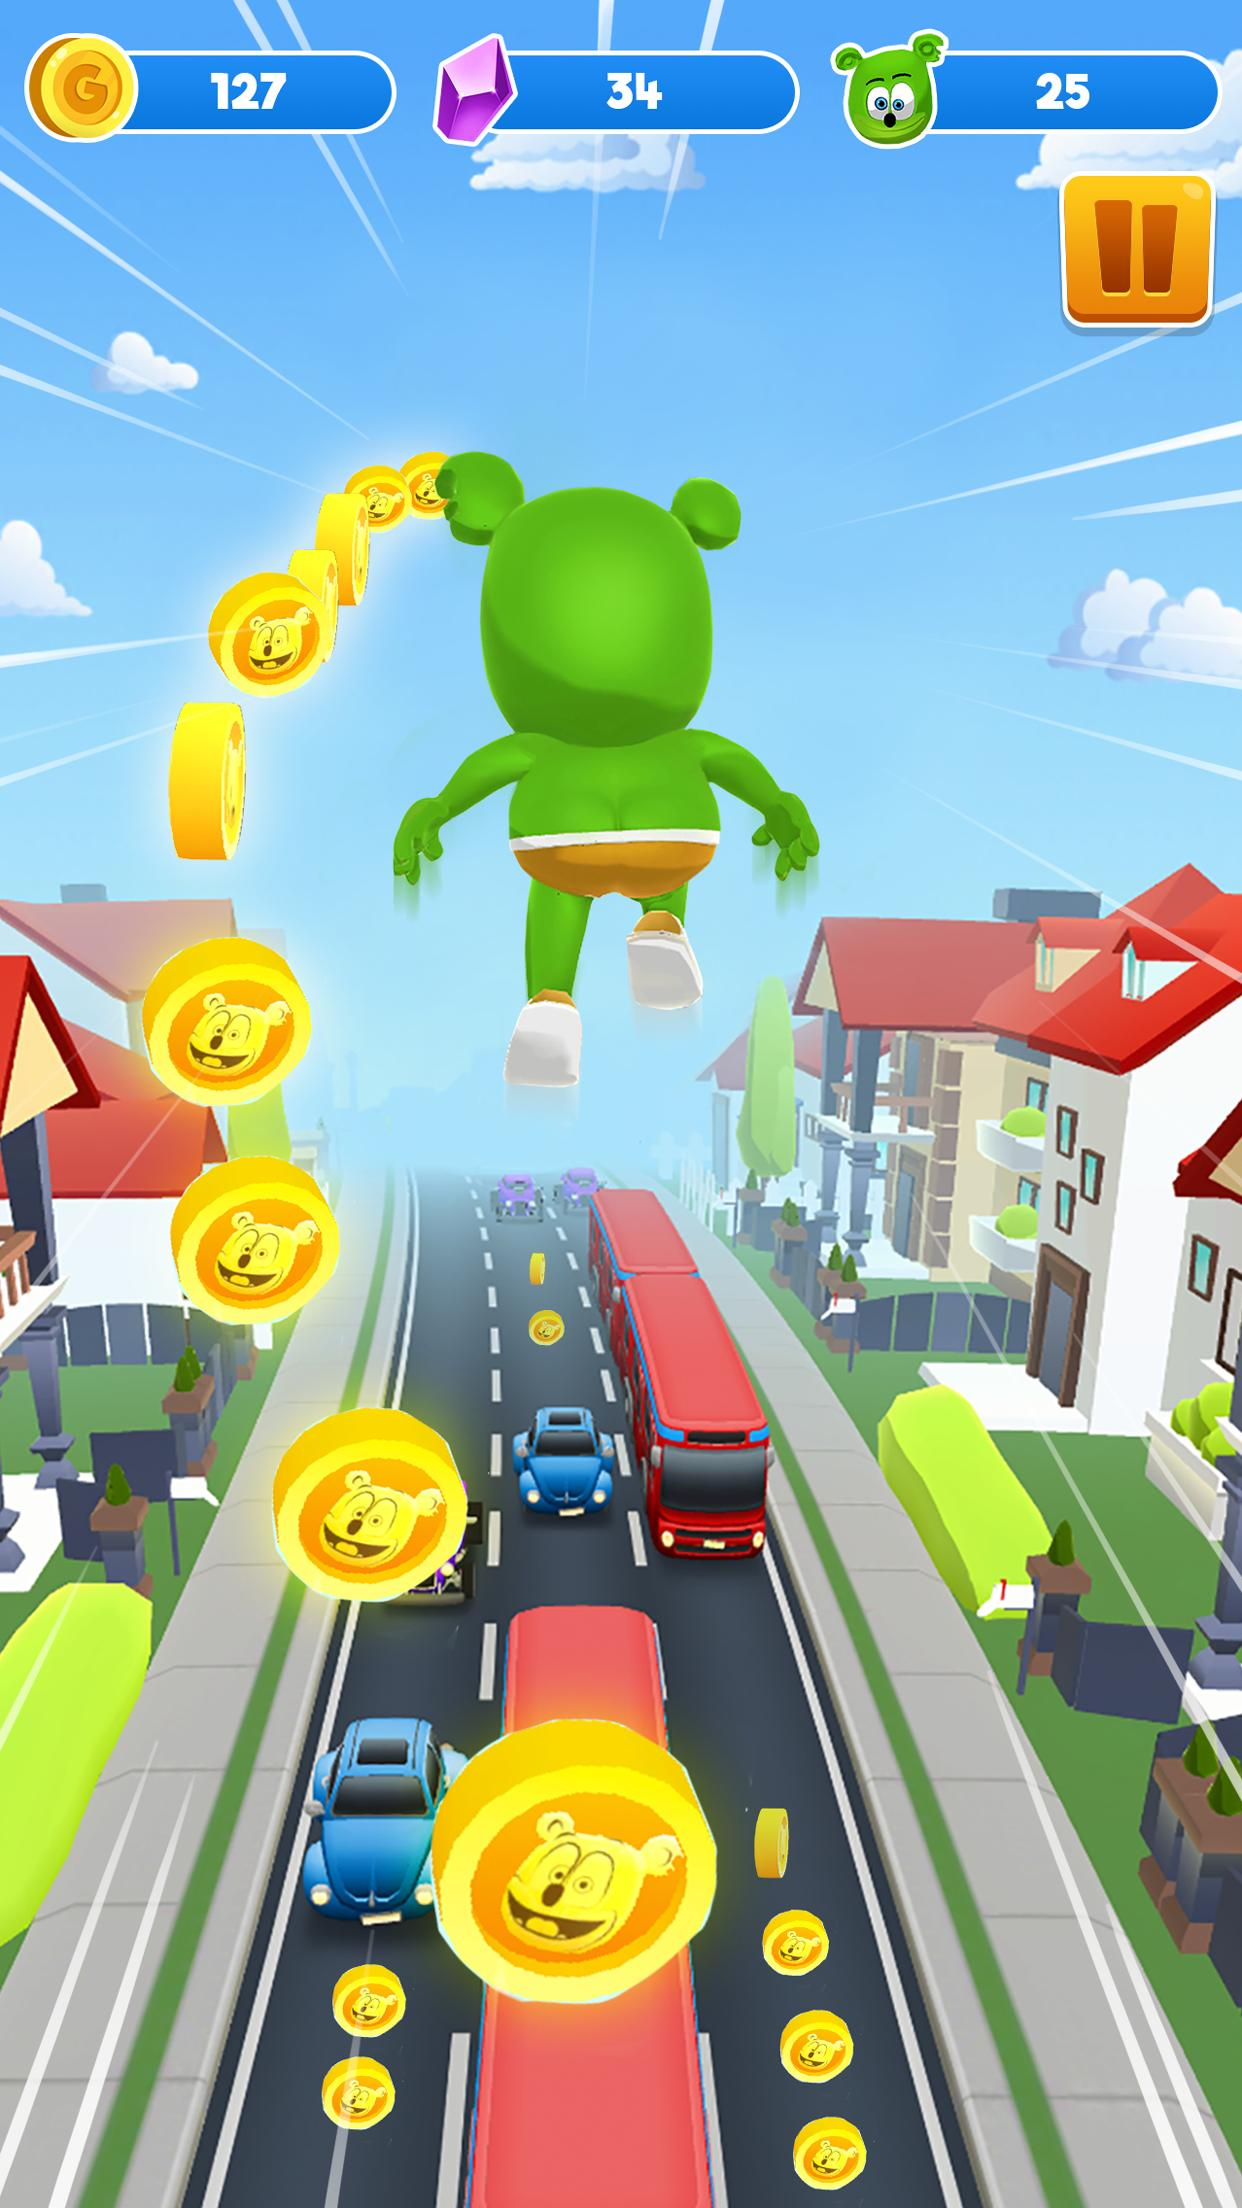 Gummy Bear Running - Endless Runner 2020 1.2.10 Screenshot 6